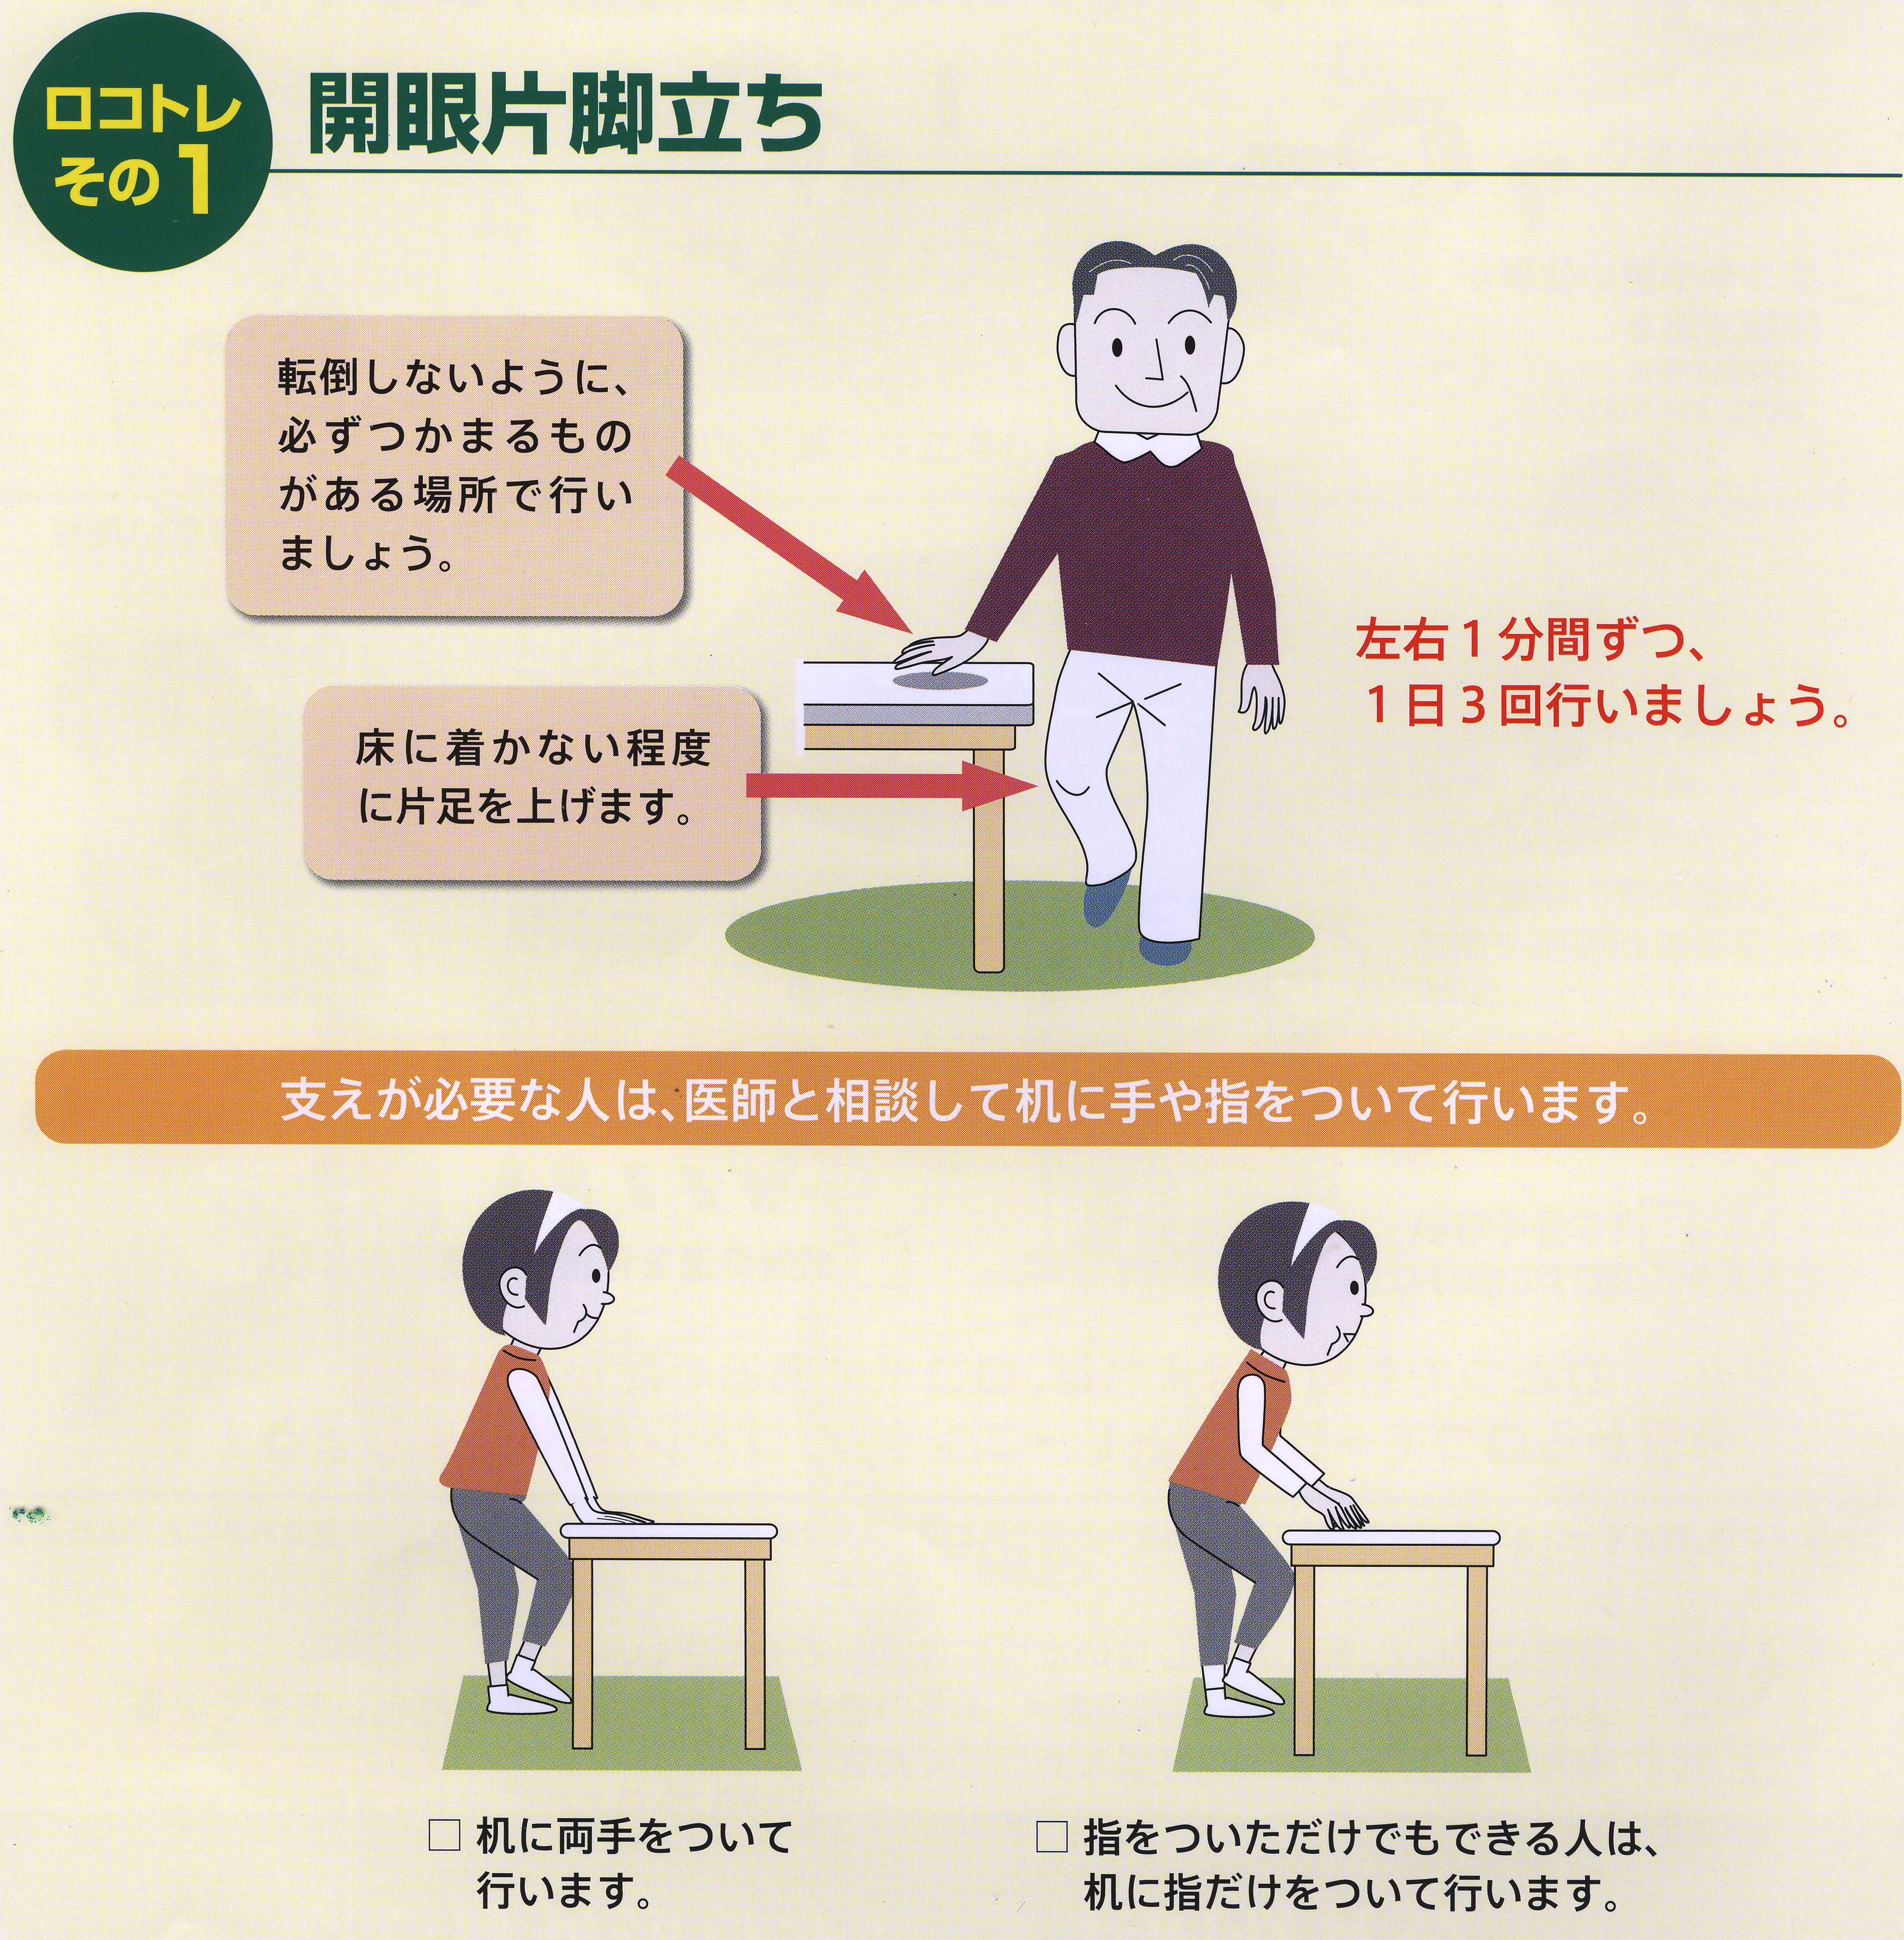 http://suzuran-maeyama.com/blog/images/%E3%83%AD%E3%82%B3%E3%83%A2%E4%BD%93%E6%93%8D%EF%BC%91.jpg